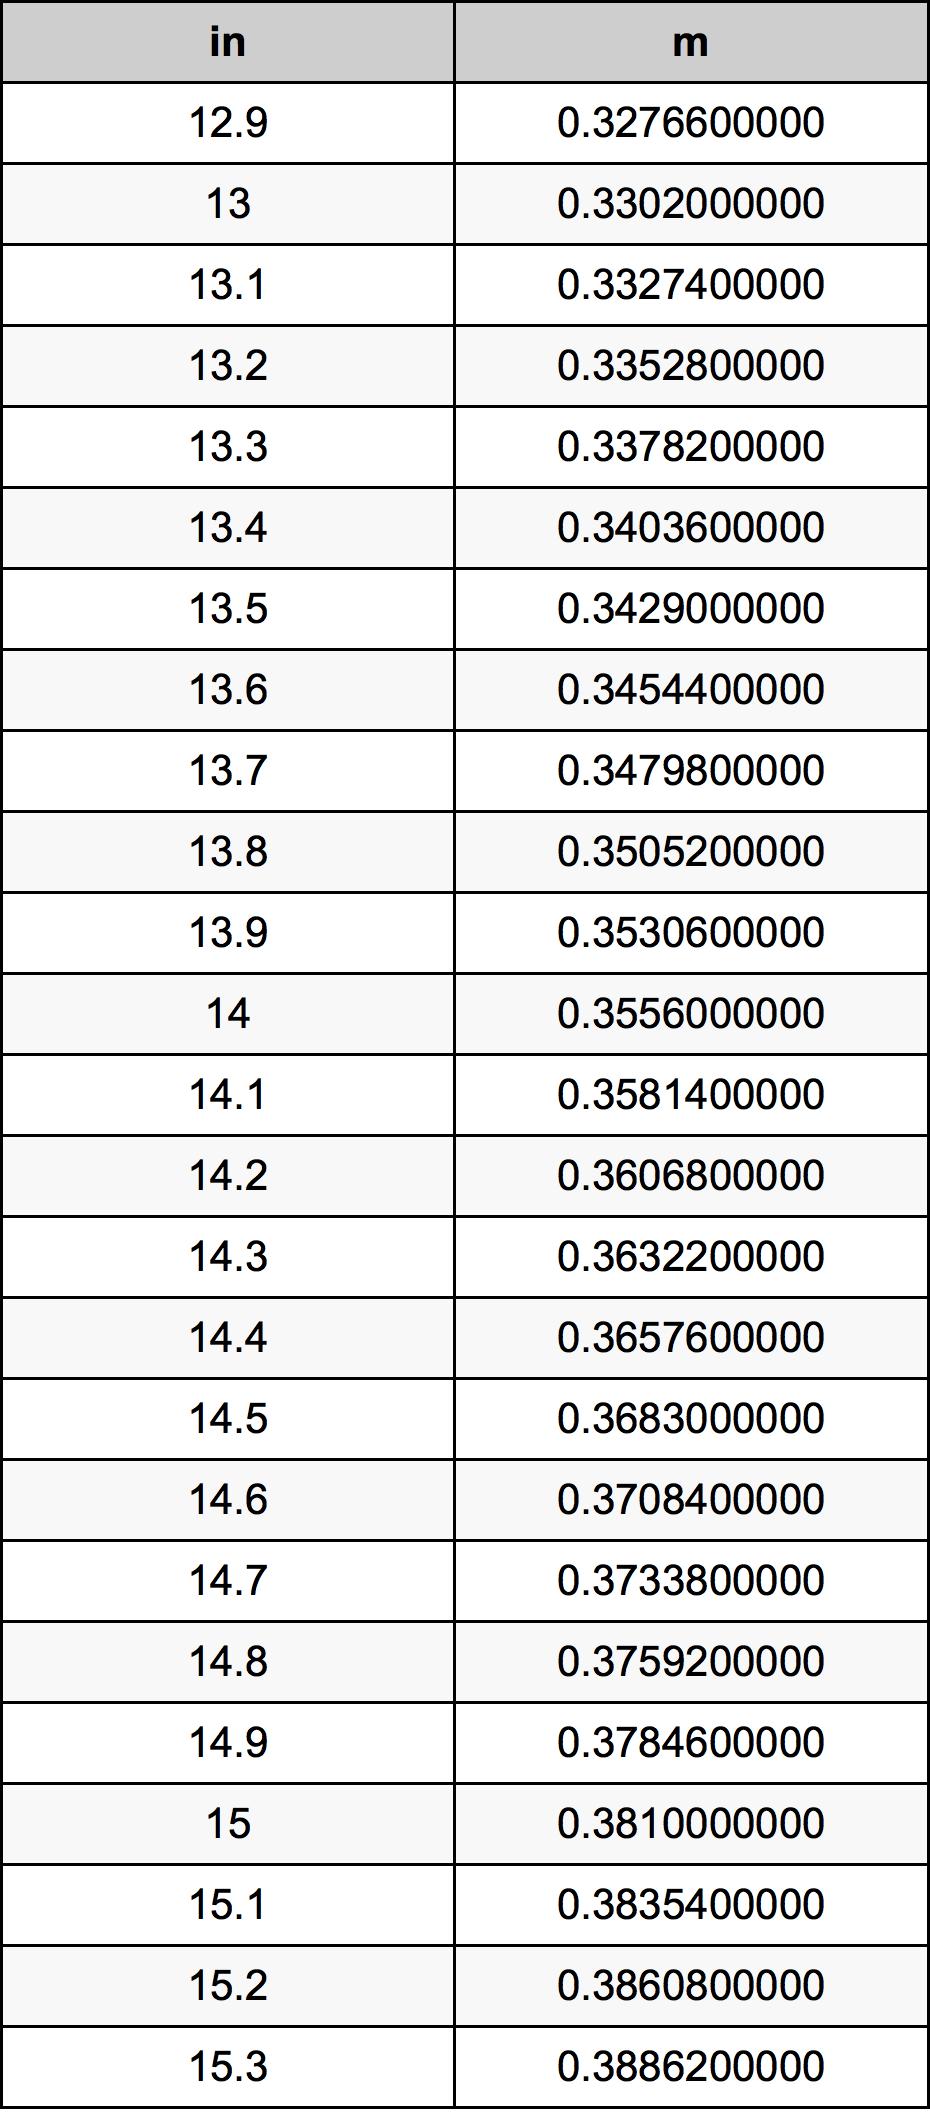 14.1 인치 변환 표